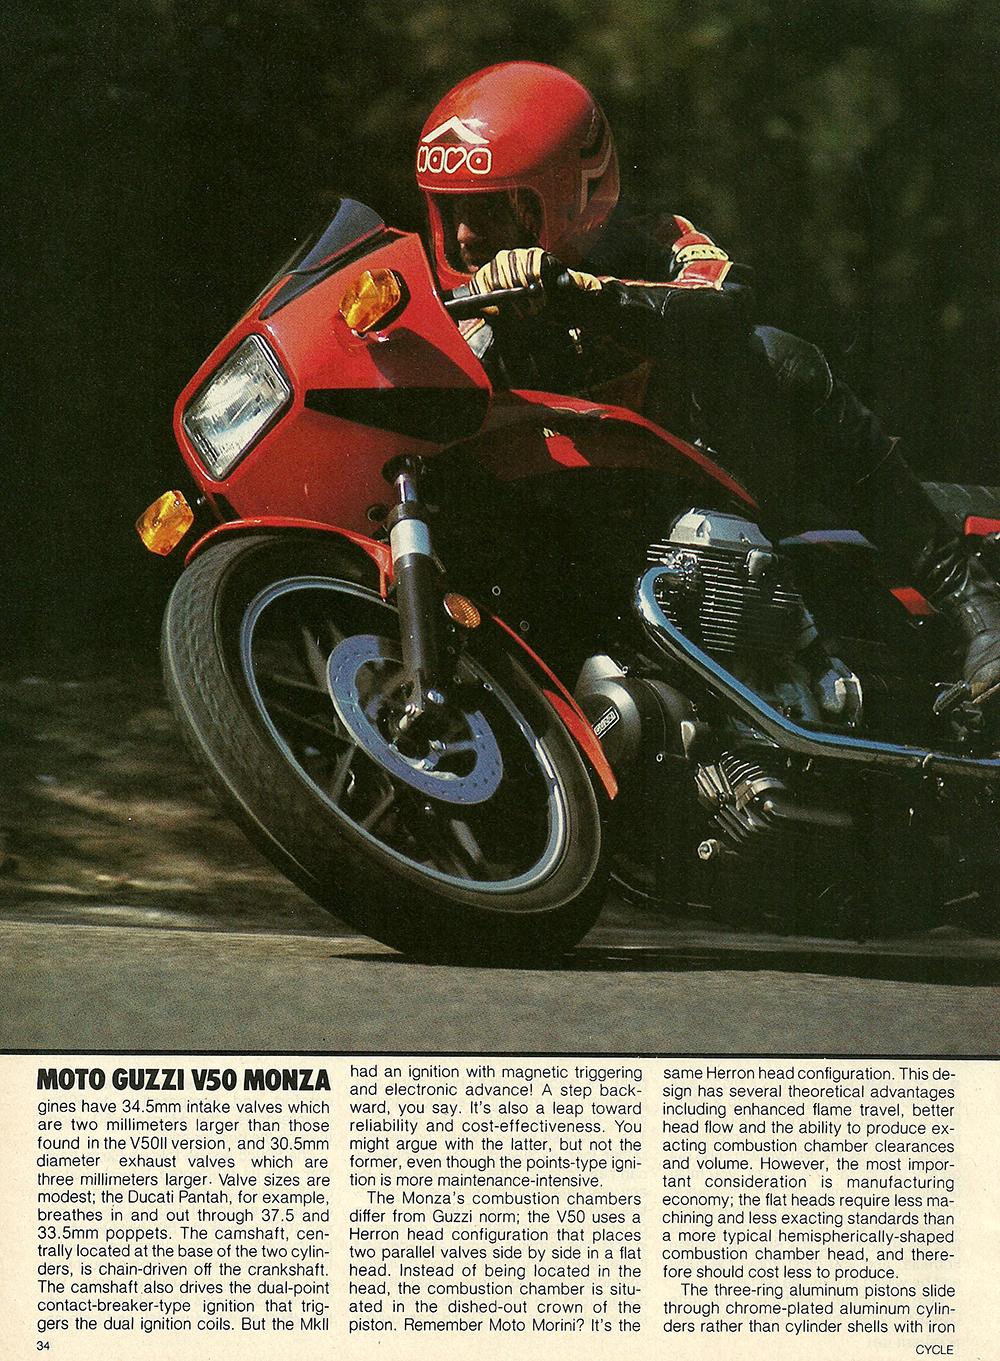 1981 Moto Guzzi V50 Monza road test 03.jpg